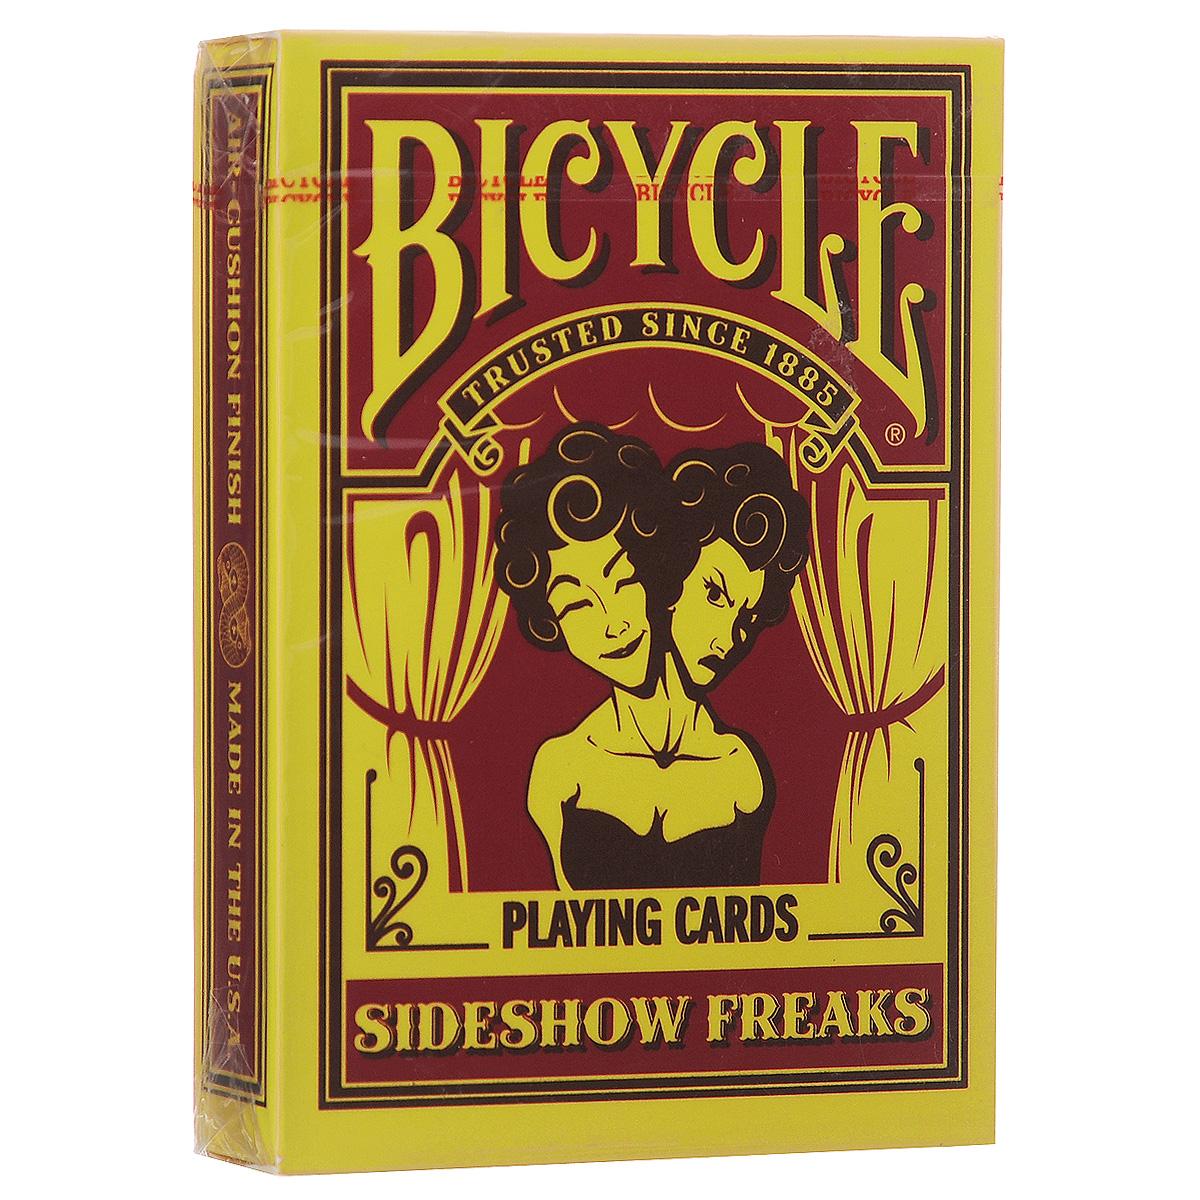 Игральные карты Bicycle Sideshow Freaks, цвет: желтыйК-449Рады представить Вашему вниманию игральные карты Bicycle Sideshow Freaks. Сайдшоу - условное название нескольких видов развлечений и зрелищ, устраивавшихся бродячими цирками на импровизированных уличных цирковых представлениях, карнавалах, балаганах и ярмарках.